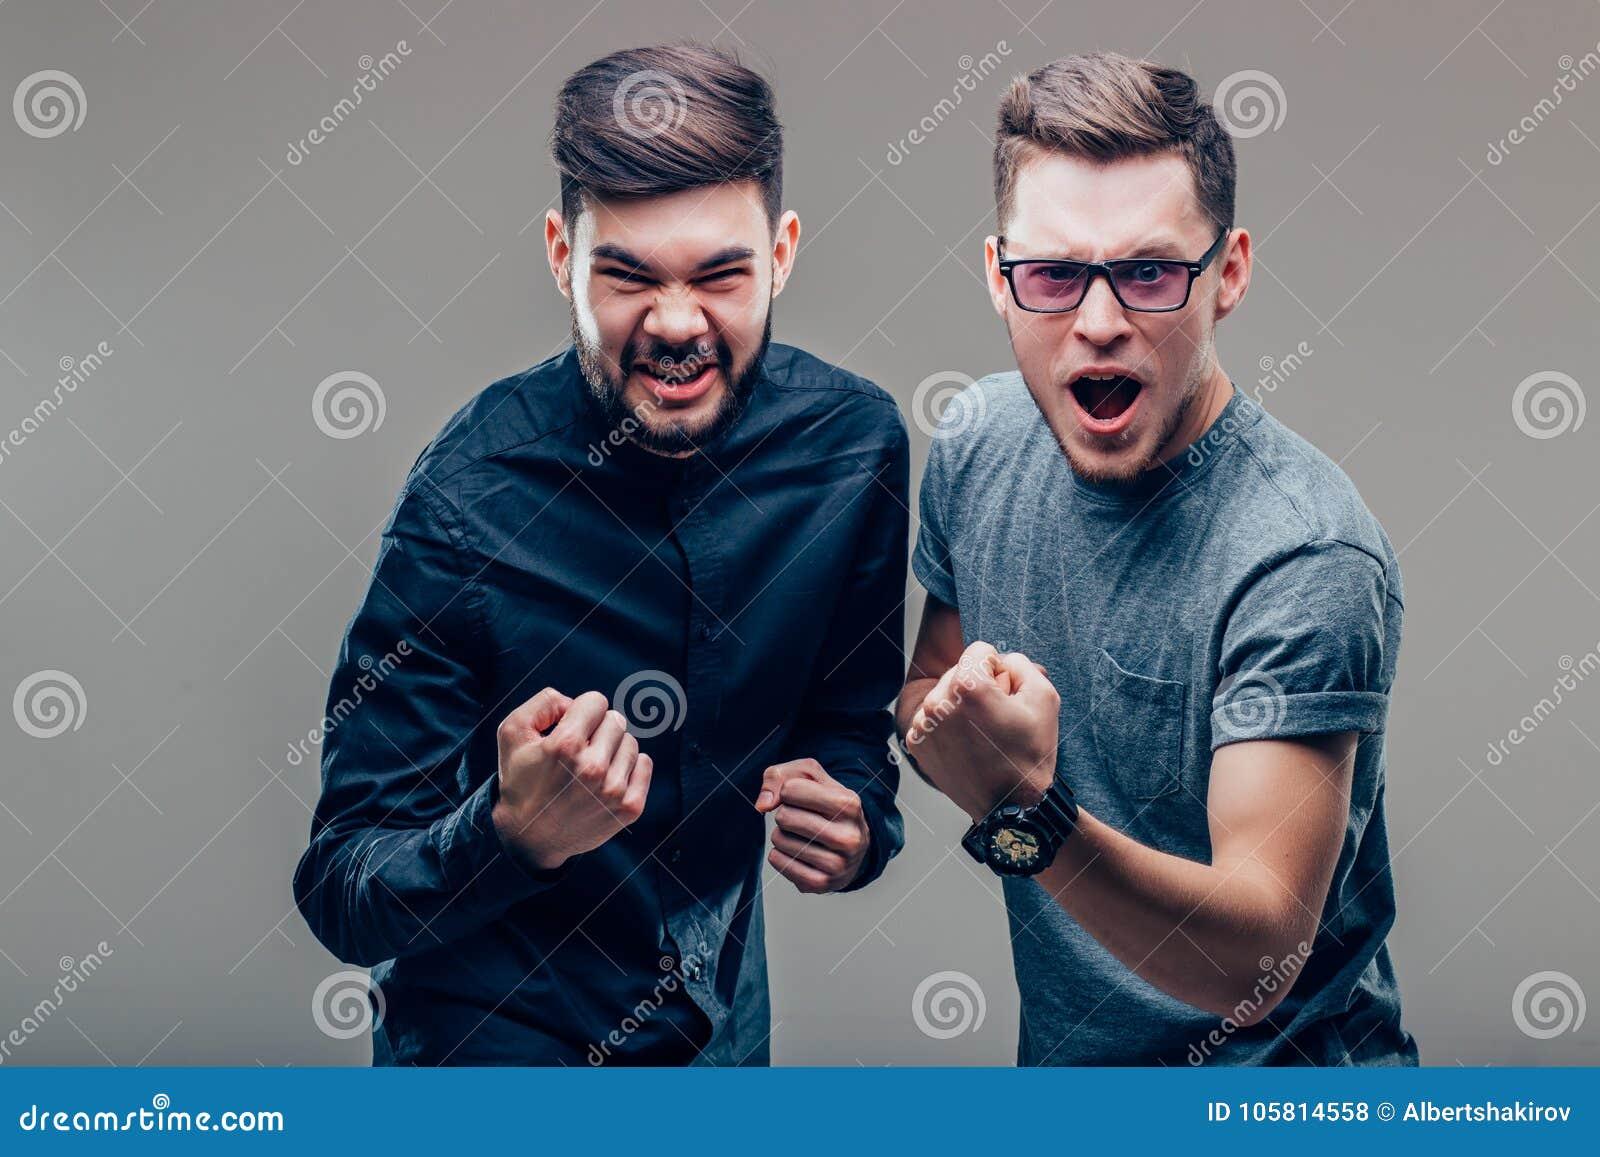 Deux personnes caucasiennes équipent exprimer leur excitation et plaisir en criant oui